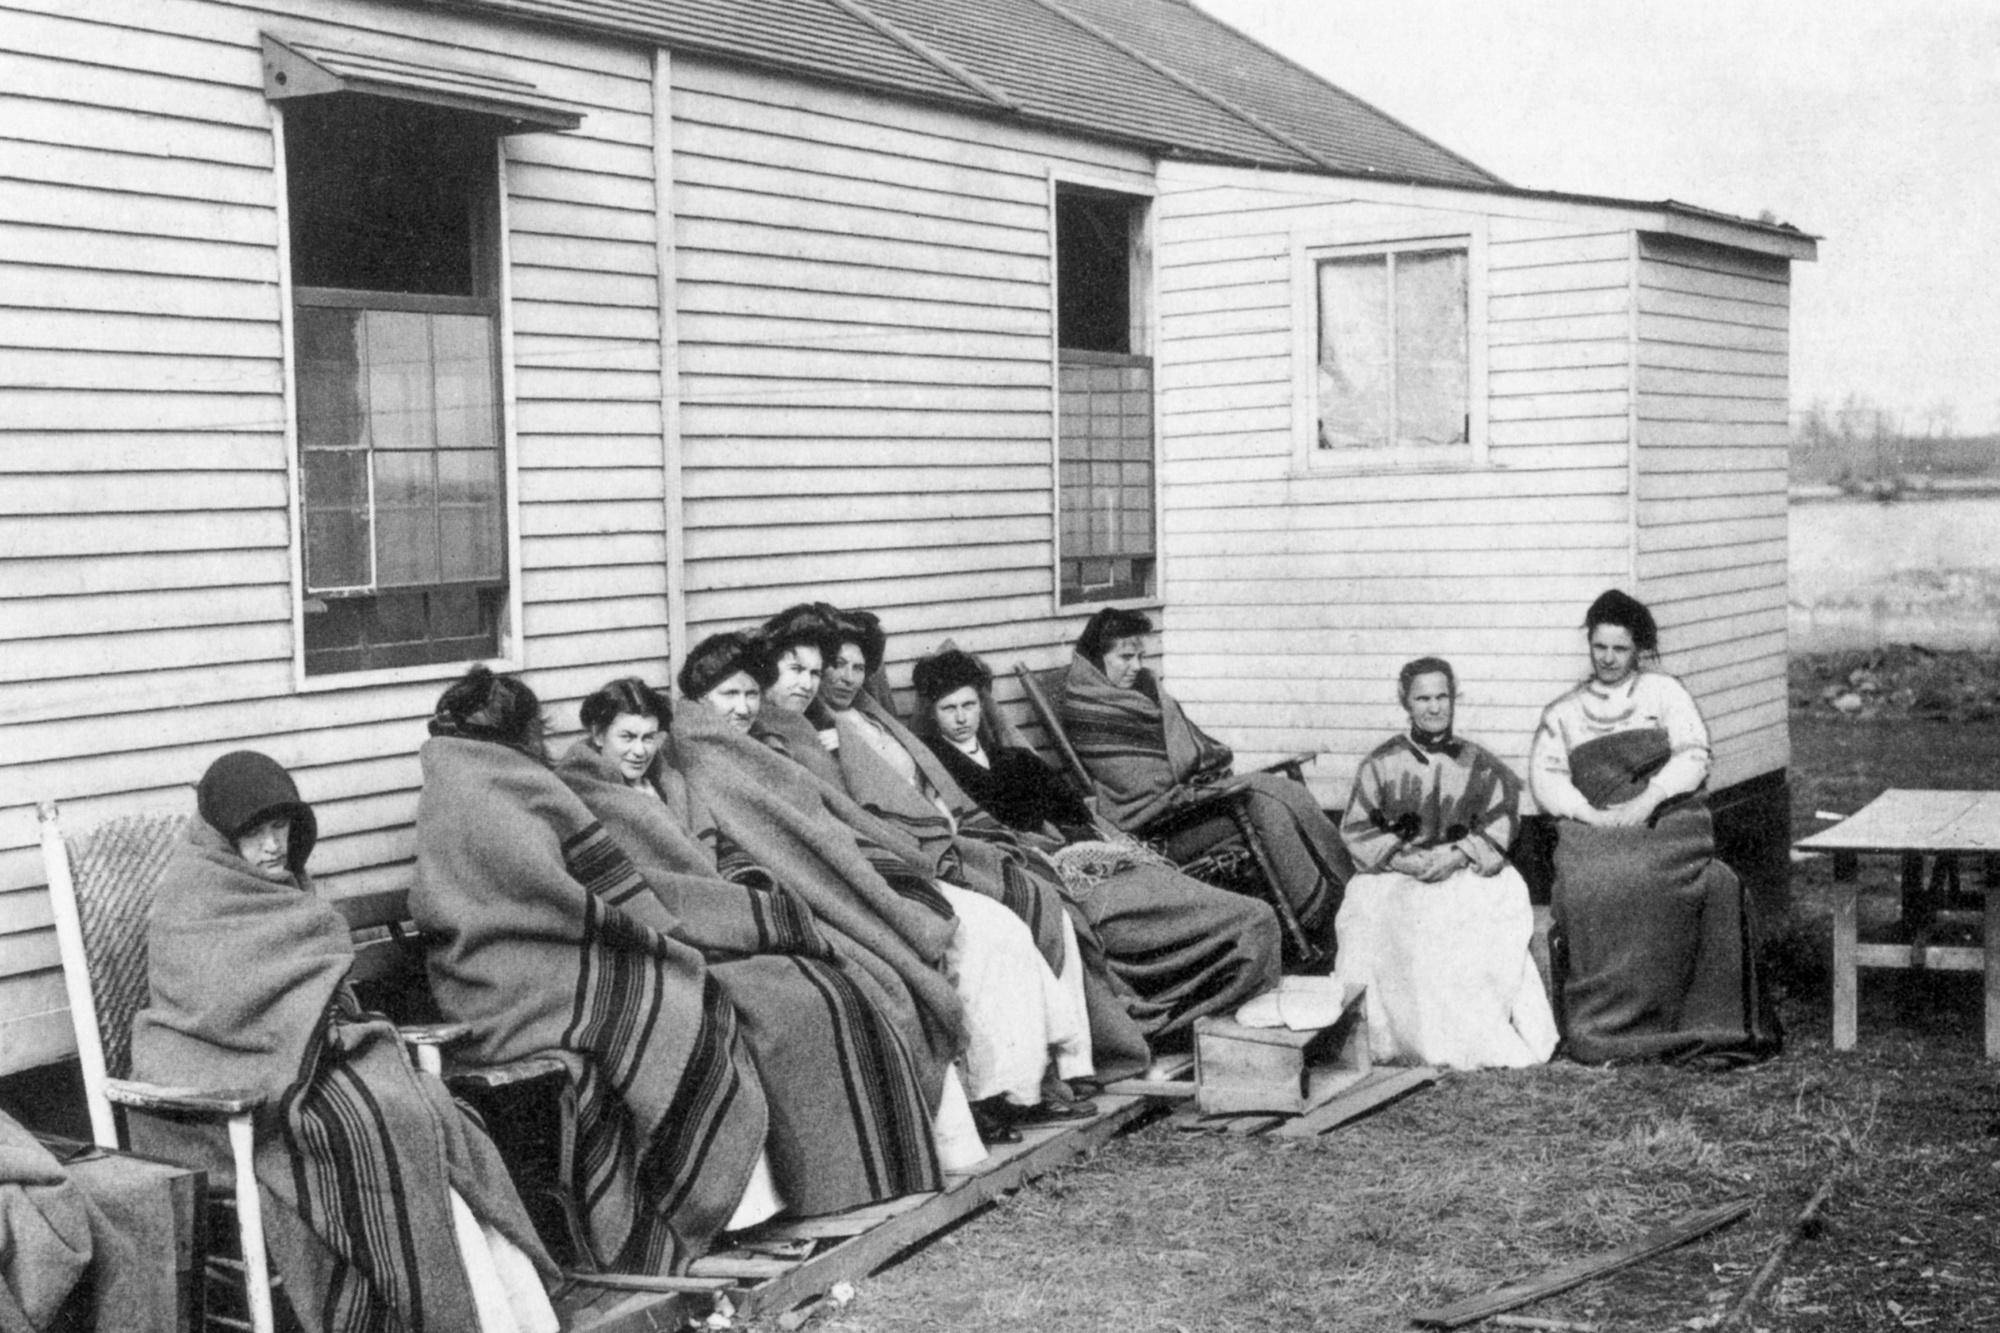 Mary Mallon (1869 - 1938), bekend bekend als Typhoid Mary (vierde van rechts) tussen een groep vrouwelijke gevangenen in quarantaine., belga